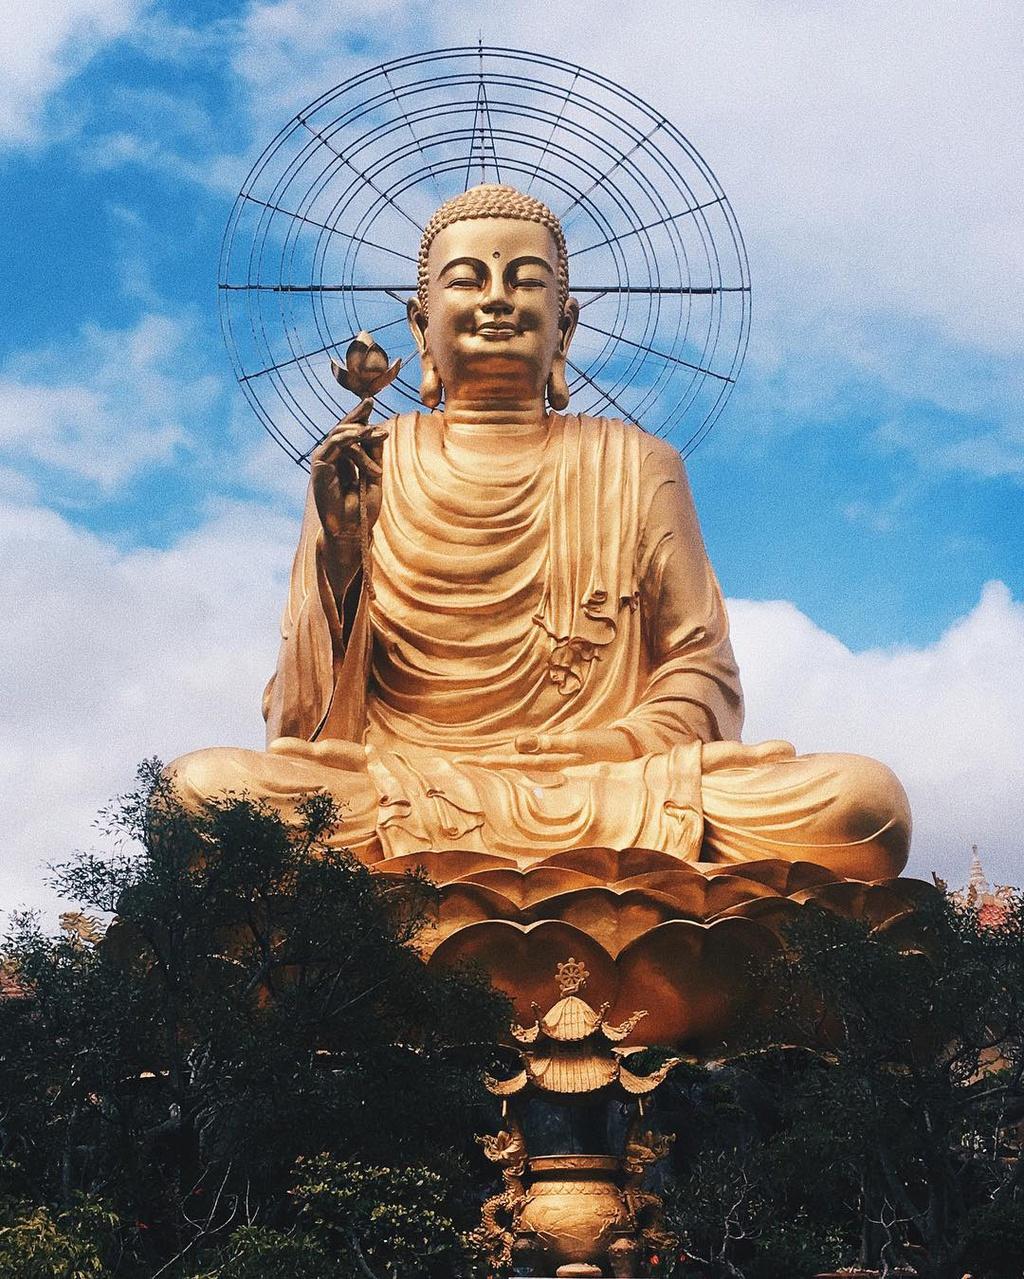 du-xuan-dau-nam-tai-nhung-ngoi-chua-dep-linh-thieng-o-da-lat-ivivu-10